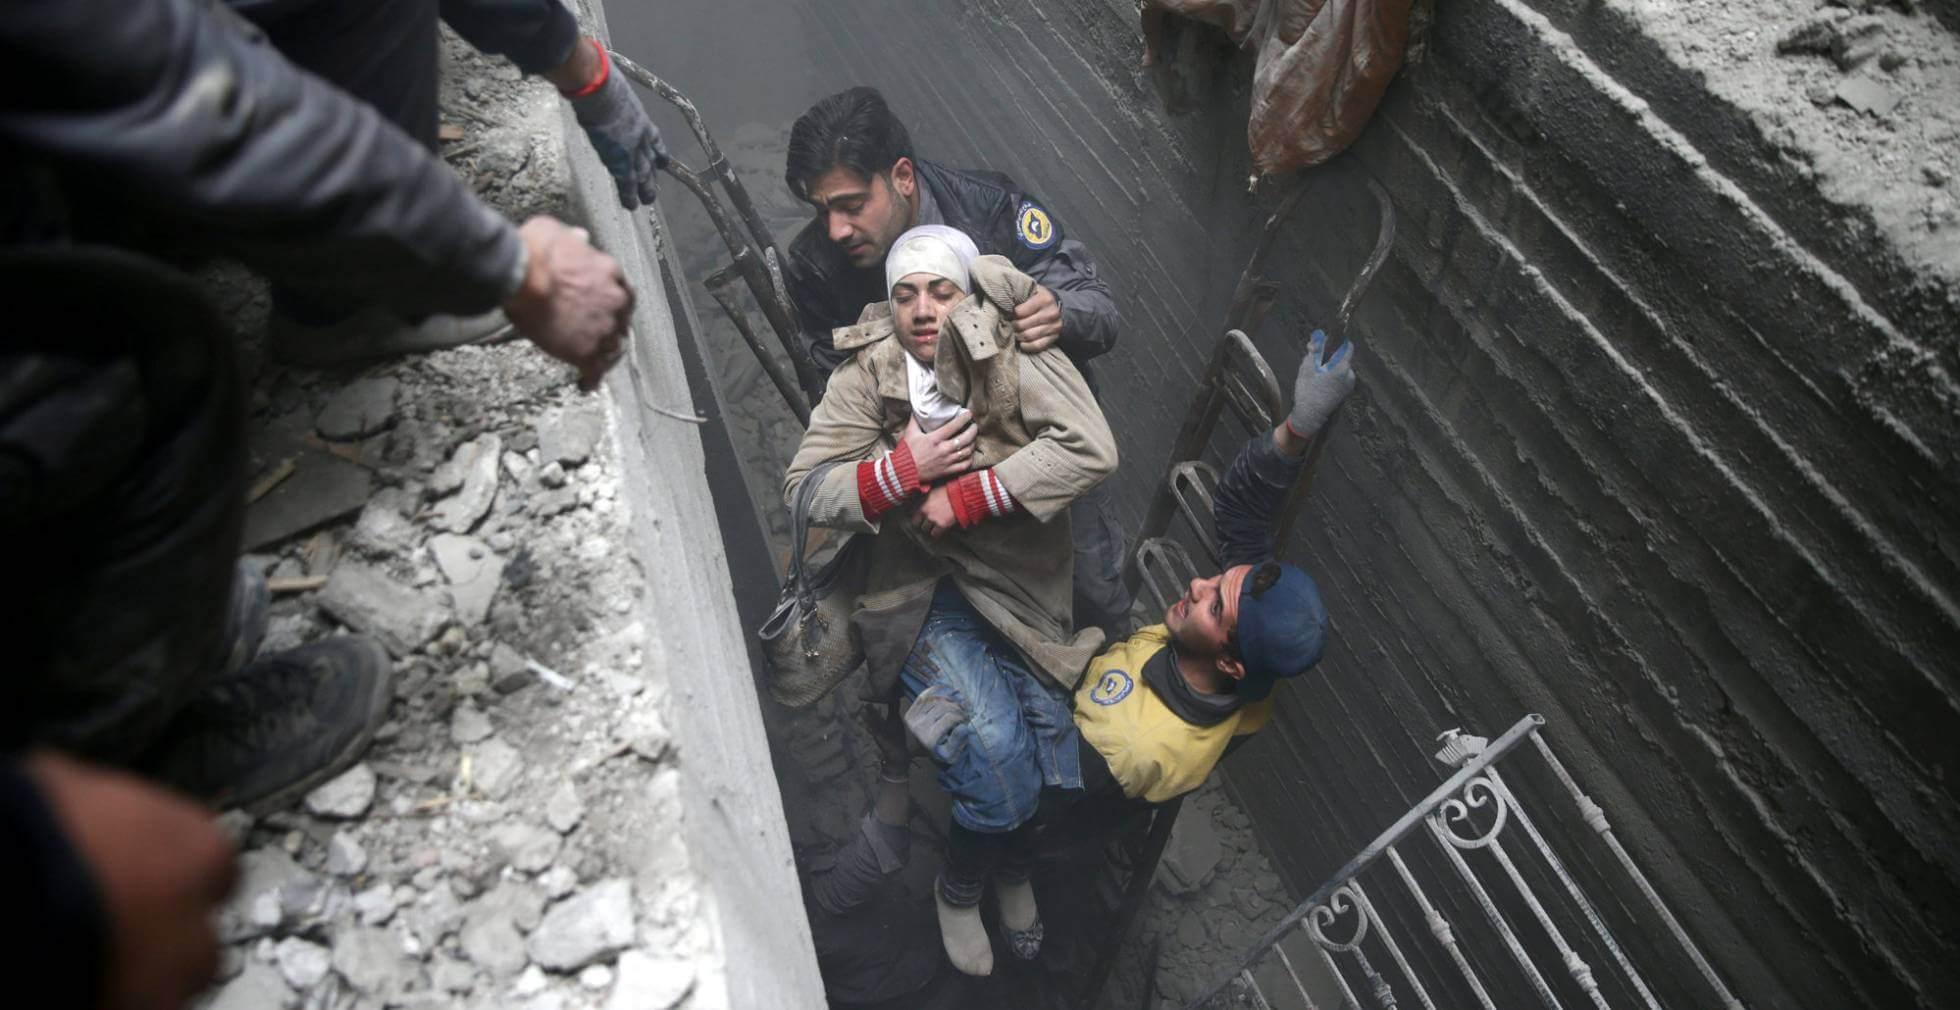 Miembros de la Defensa Civil Siria rescatan a una mujer tras un bombardeo en Duma. BASSAM KHABIEH REUTERS